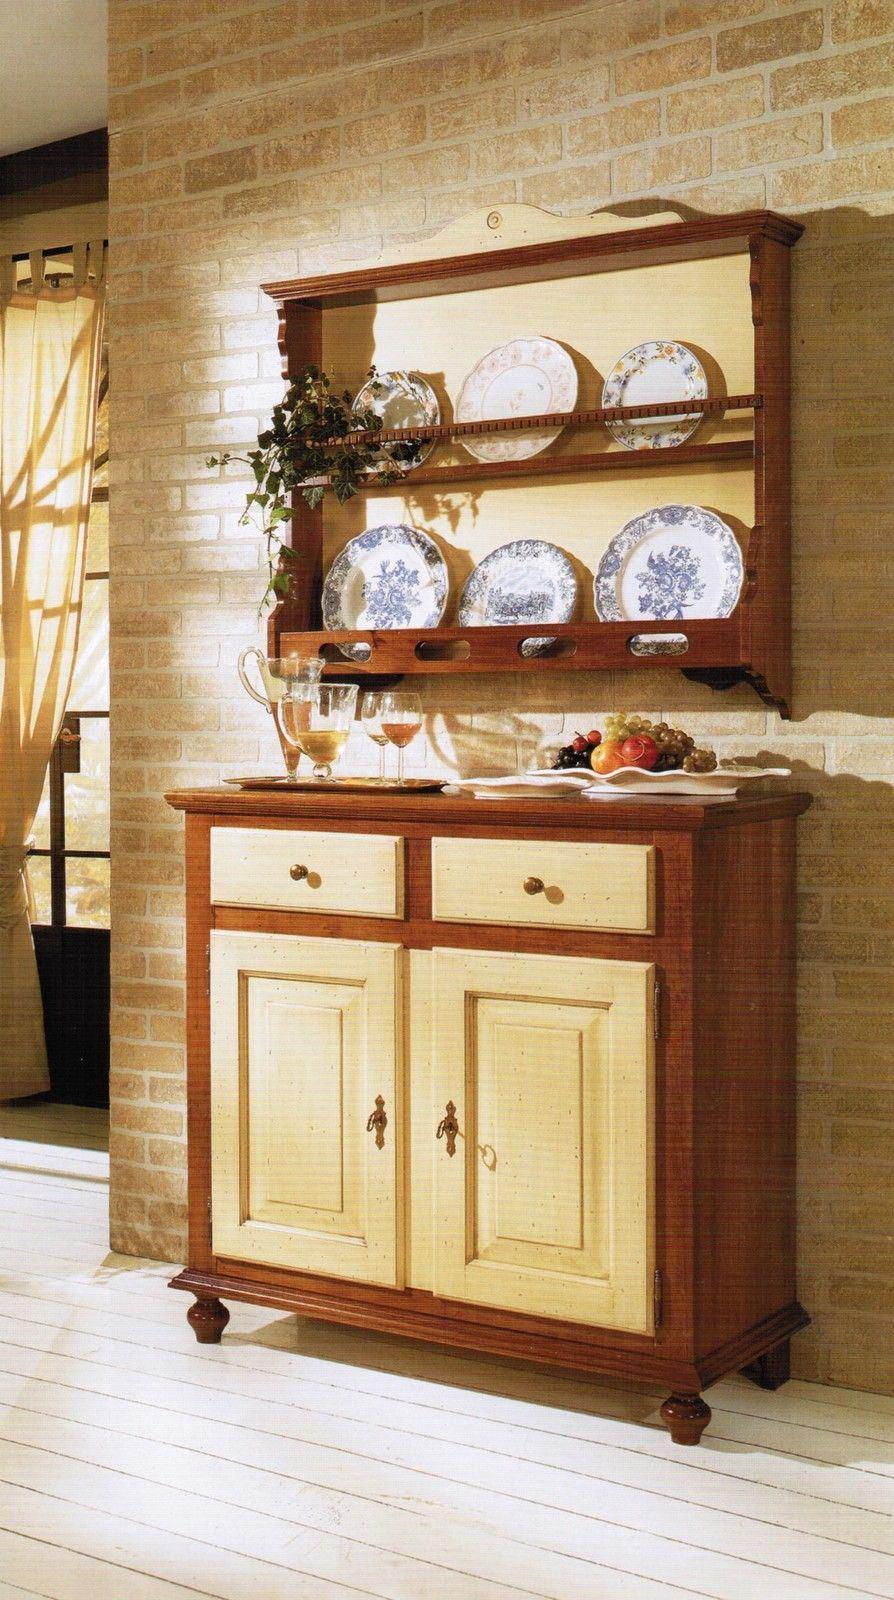 Ricambi per mobili da cucina torino idee di design per for Granato mobili torino